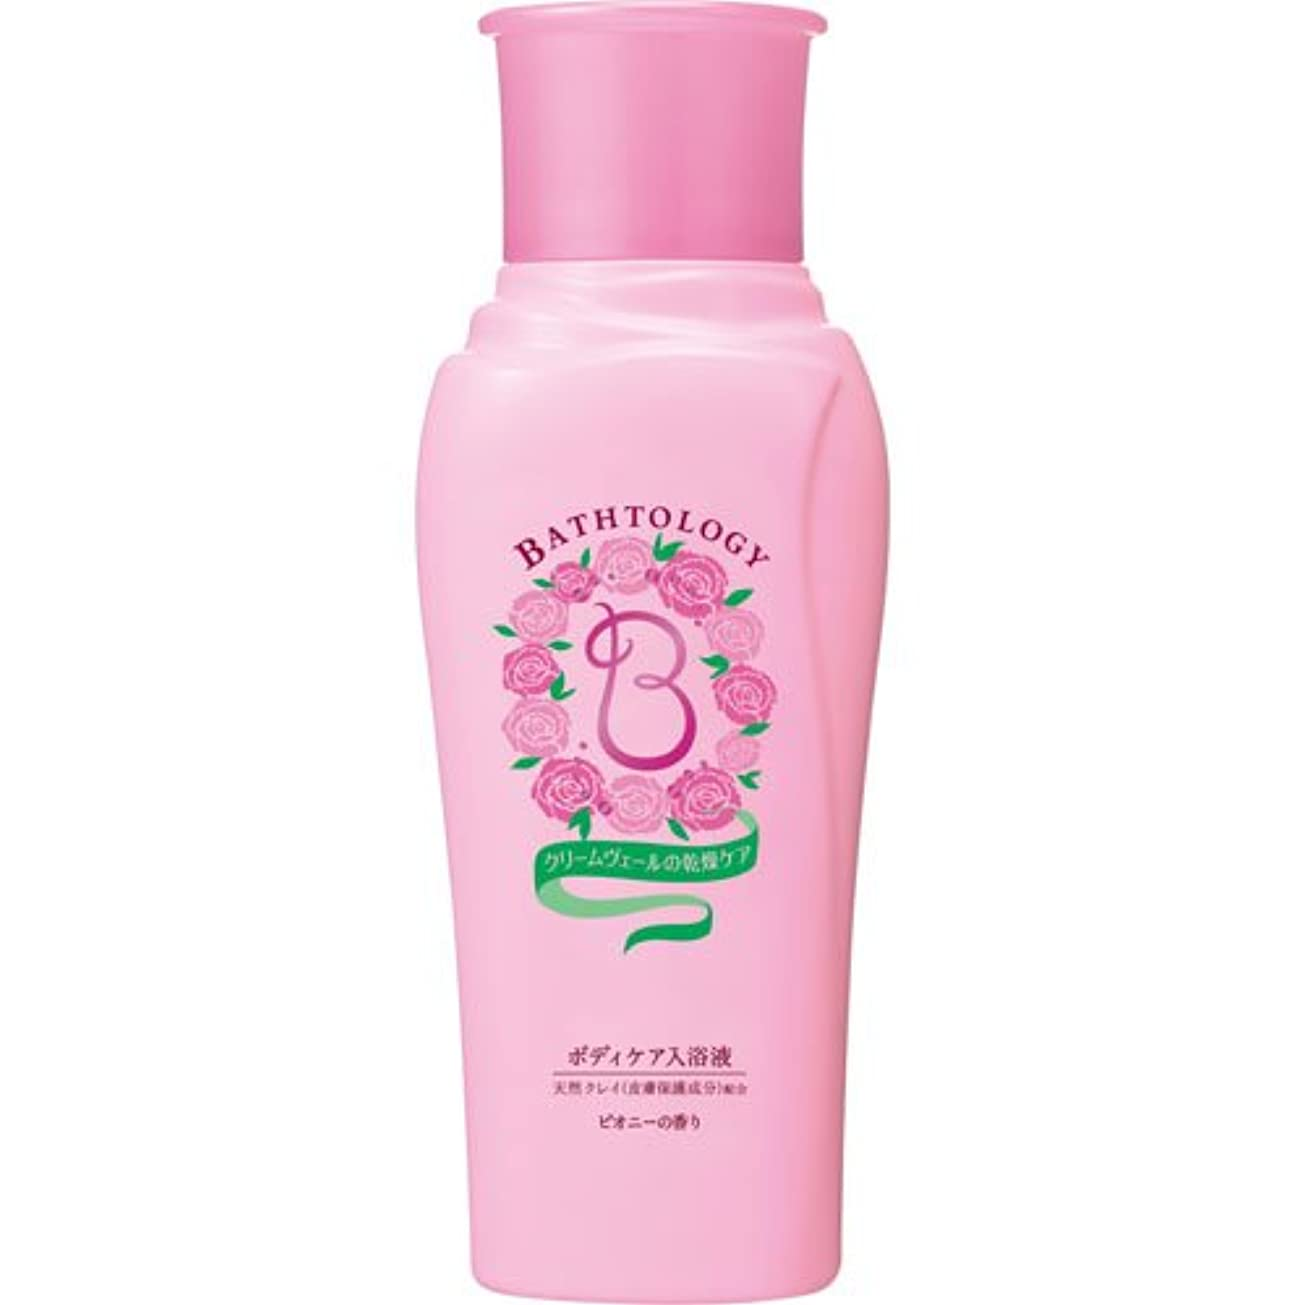 ちょうつがい連想条約BATHTOLOGY ボディケア入浴液 ピオニーの香り 本体 450mL